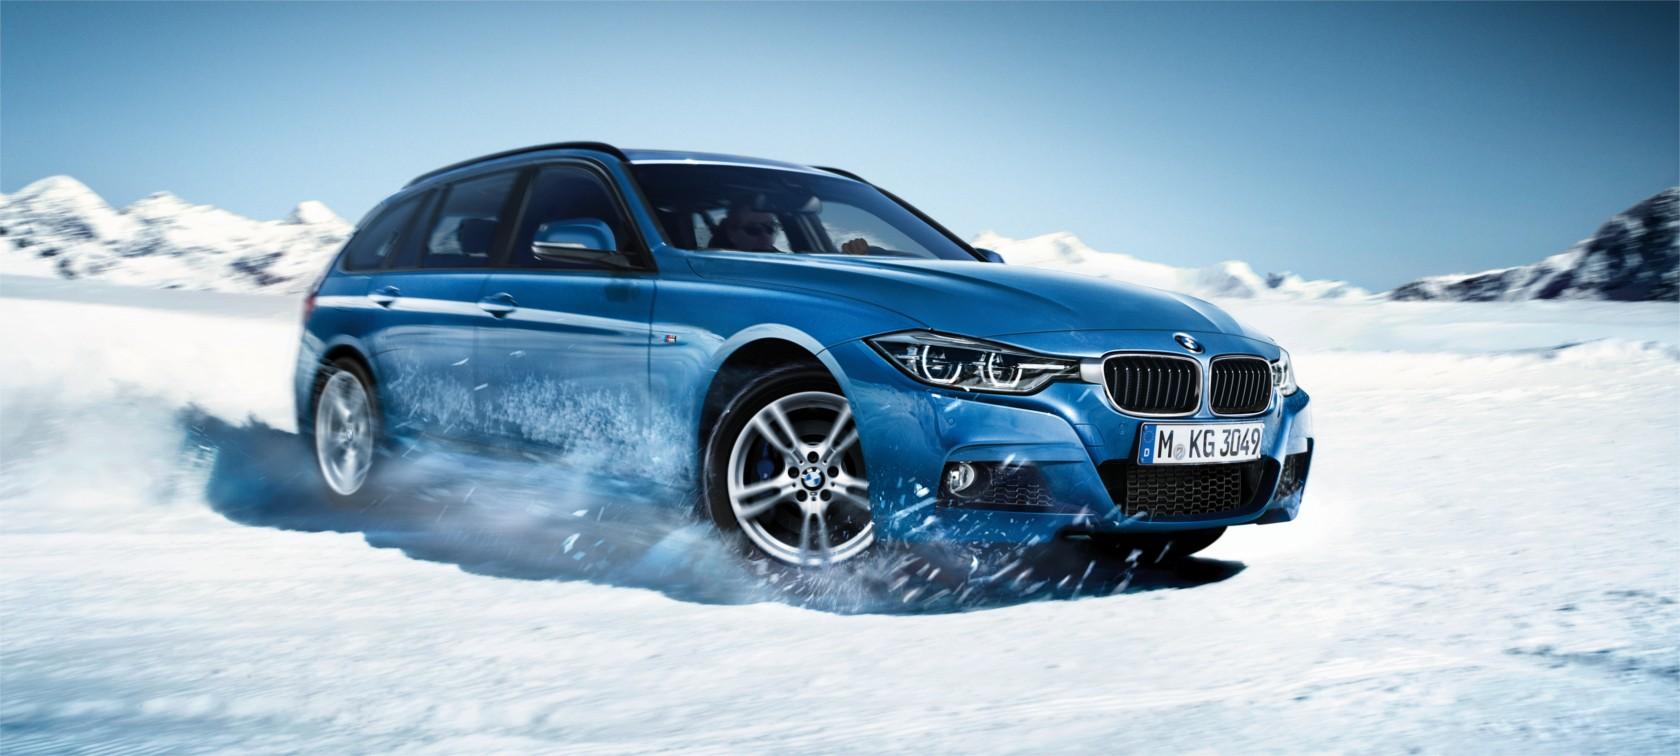 7 nippi auto pesemiseks talvel